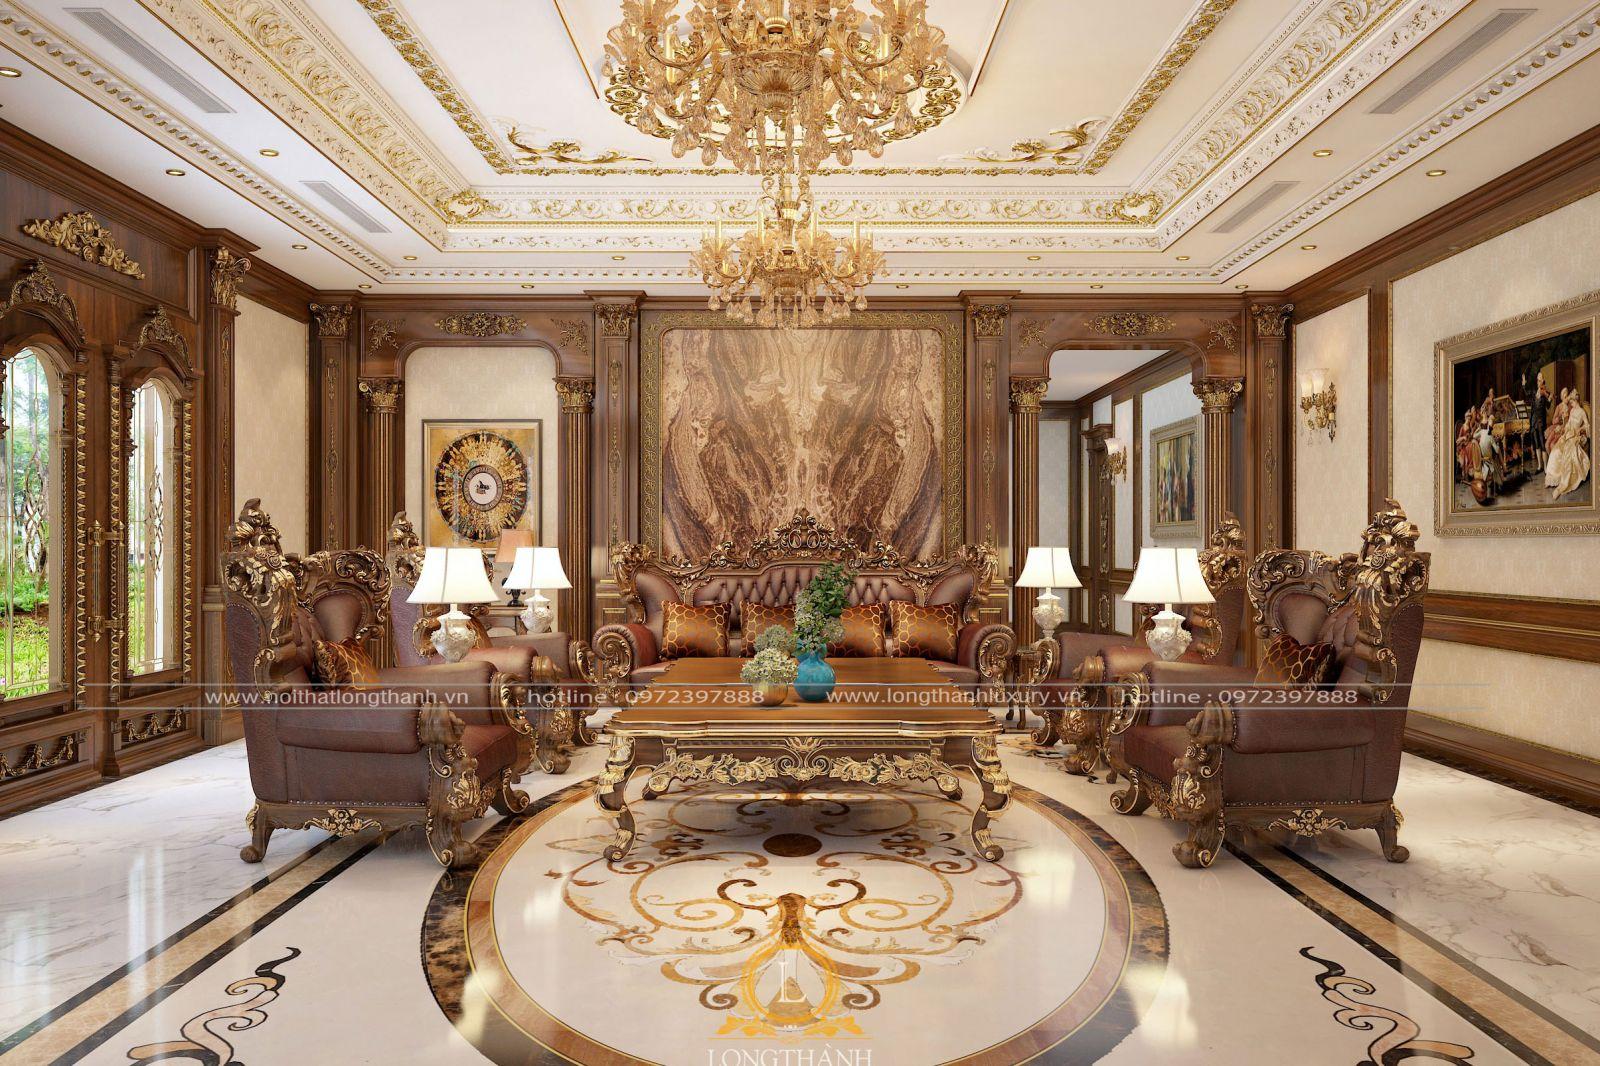 Phòng khách tân cổ điển được thiết kế đồng bộ